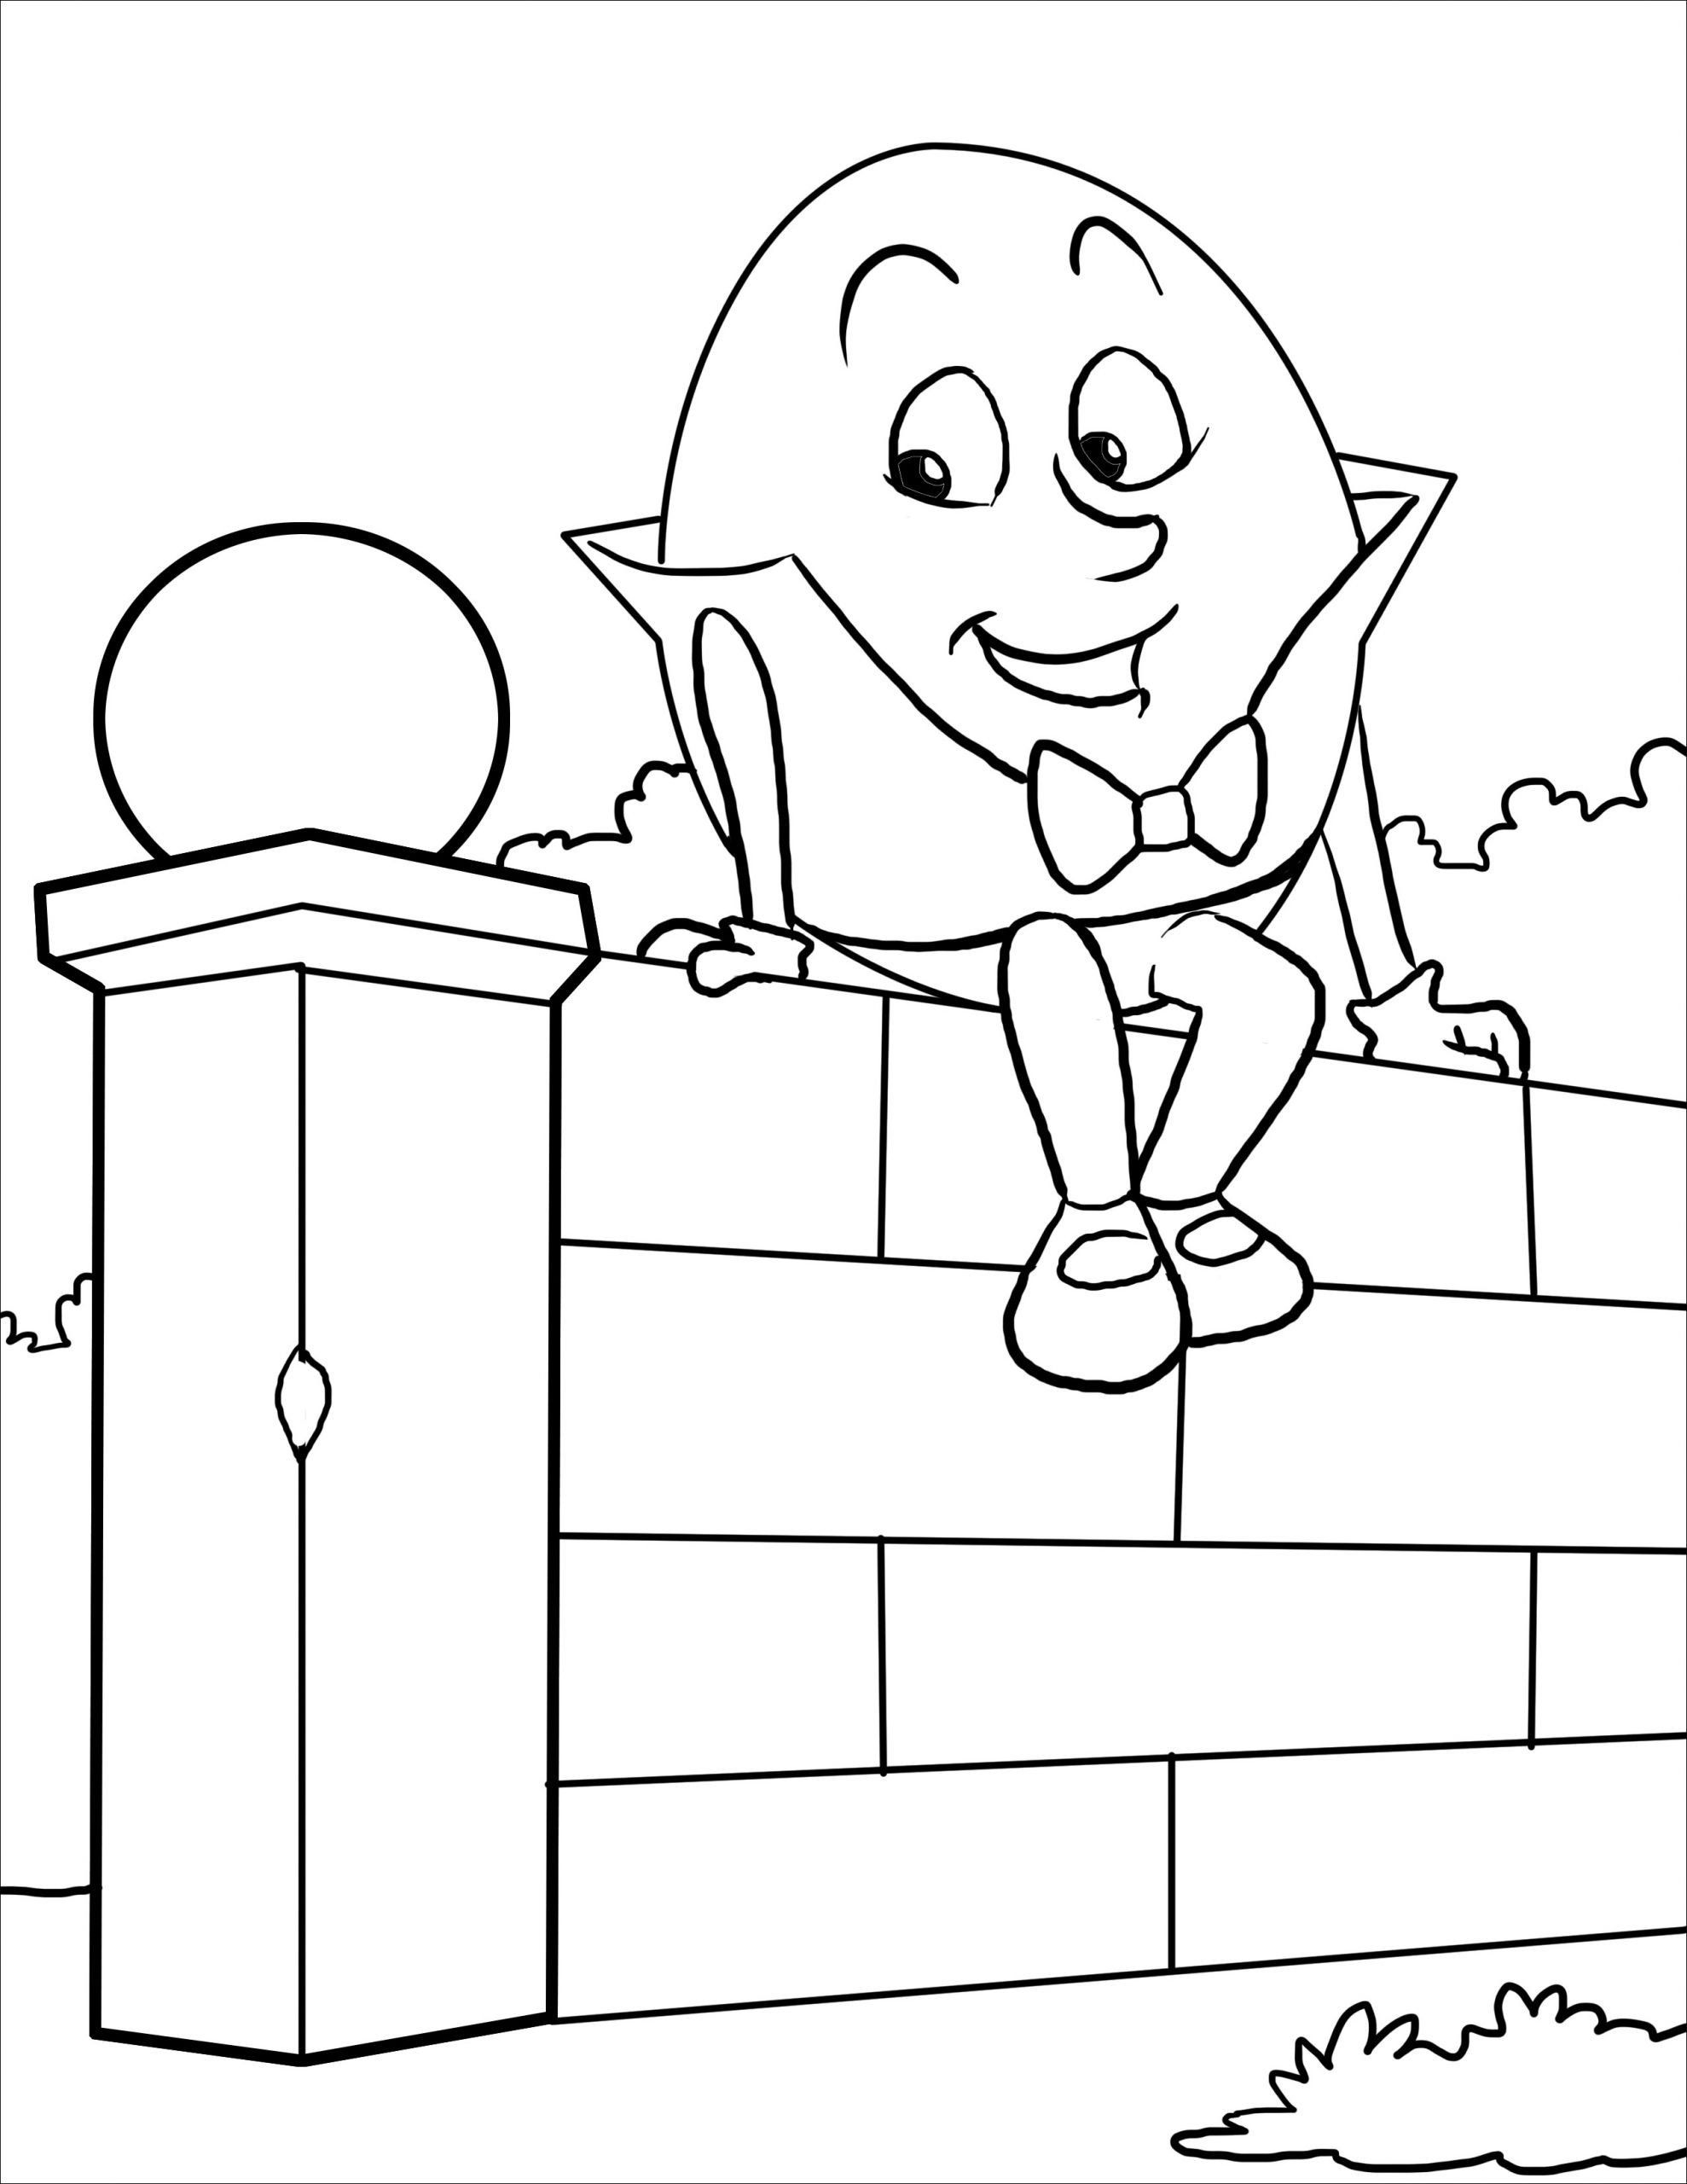 Free Rhyming Worksheets For Kindergarten Coloring Pages Poem Coloring Inspir Nursery Rhymes Preschool Crafts Nursery Rhymes Preschool Nursery Rhymes Activities [ 2560 x 1978 Pixel ]